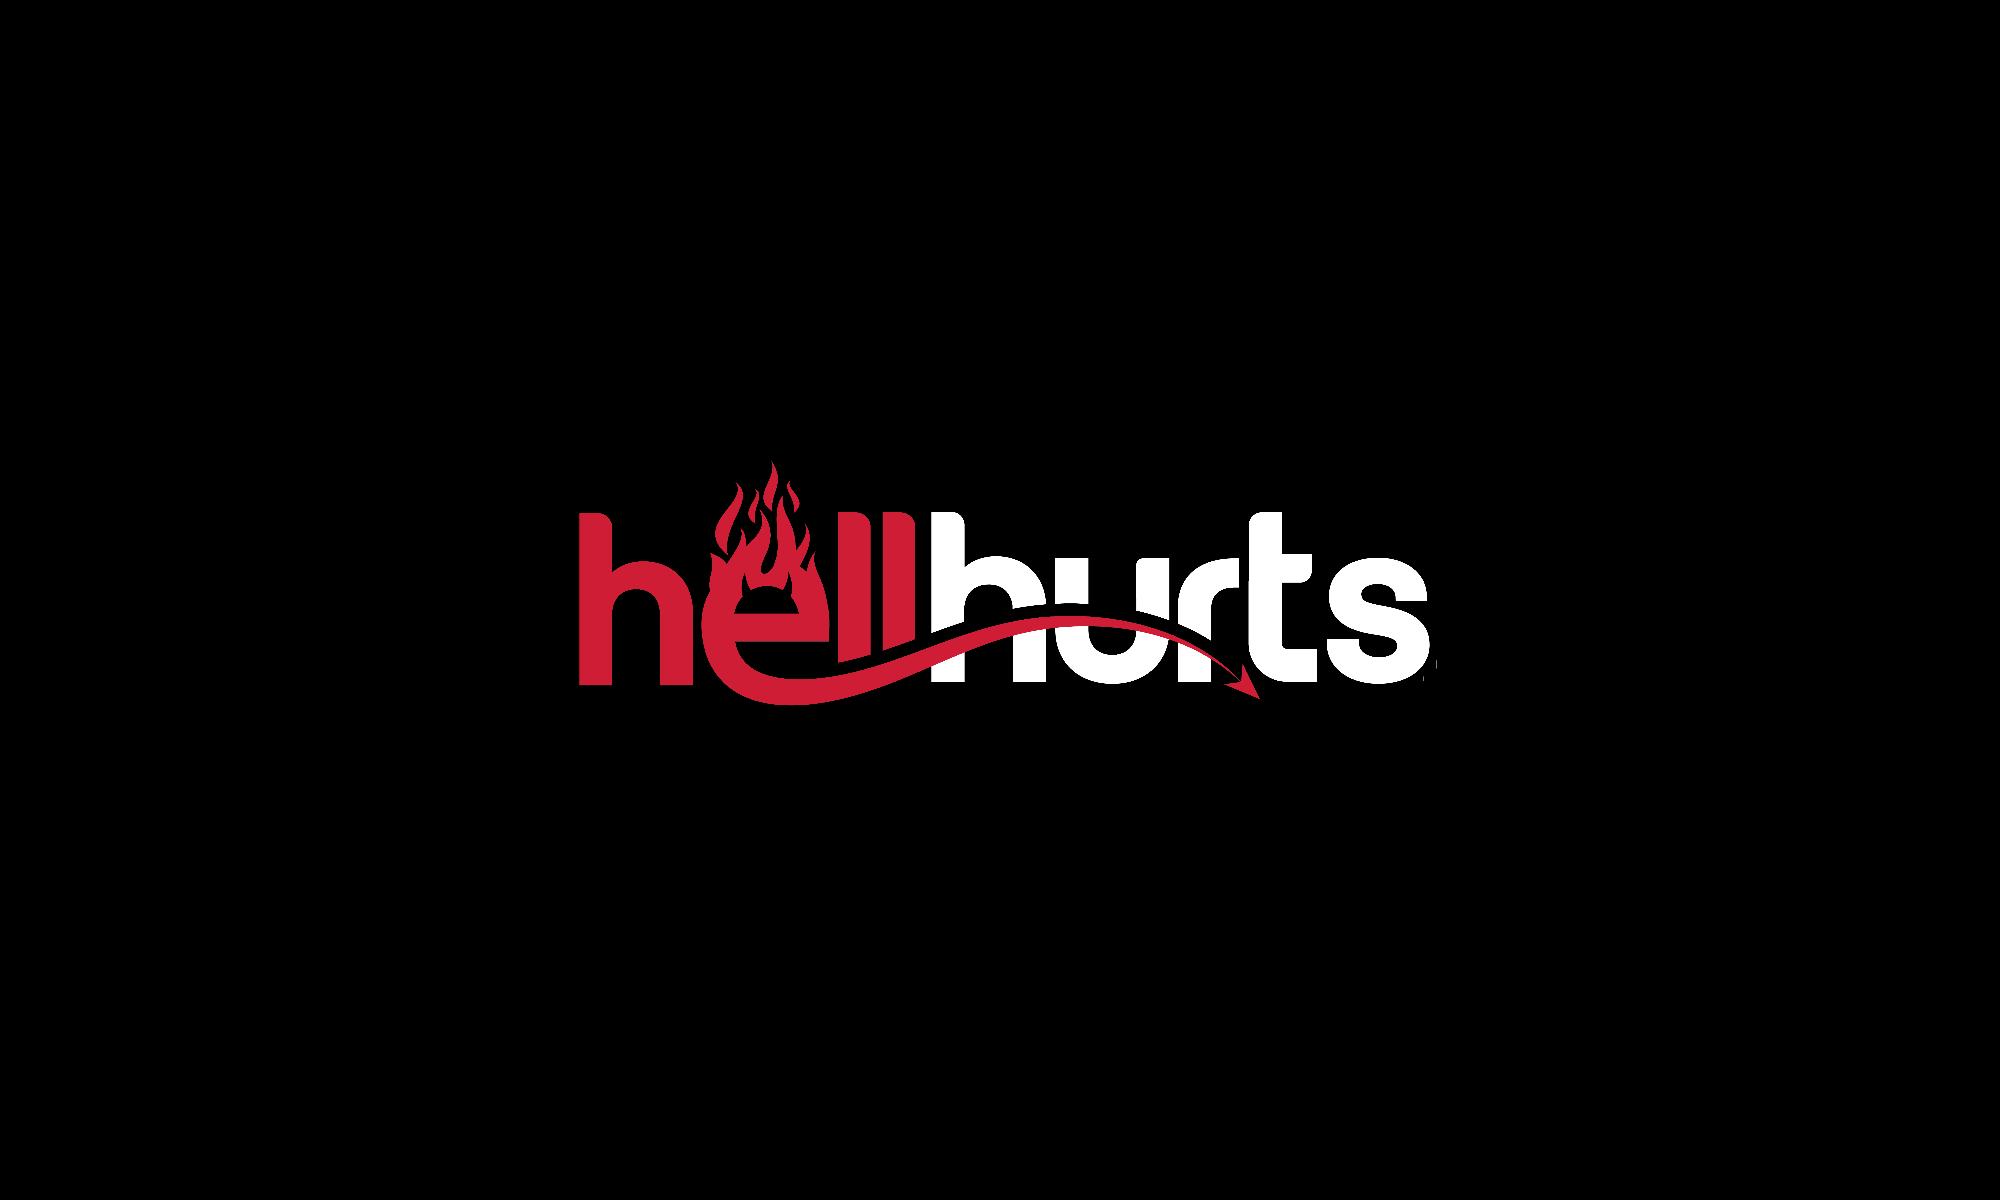 hellhurts